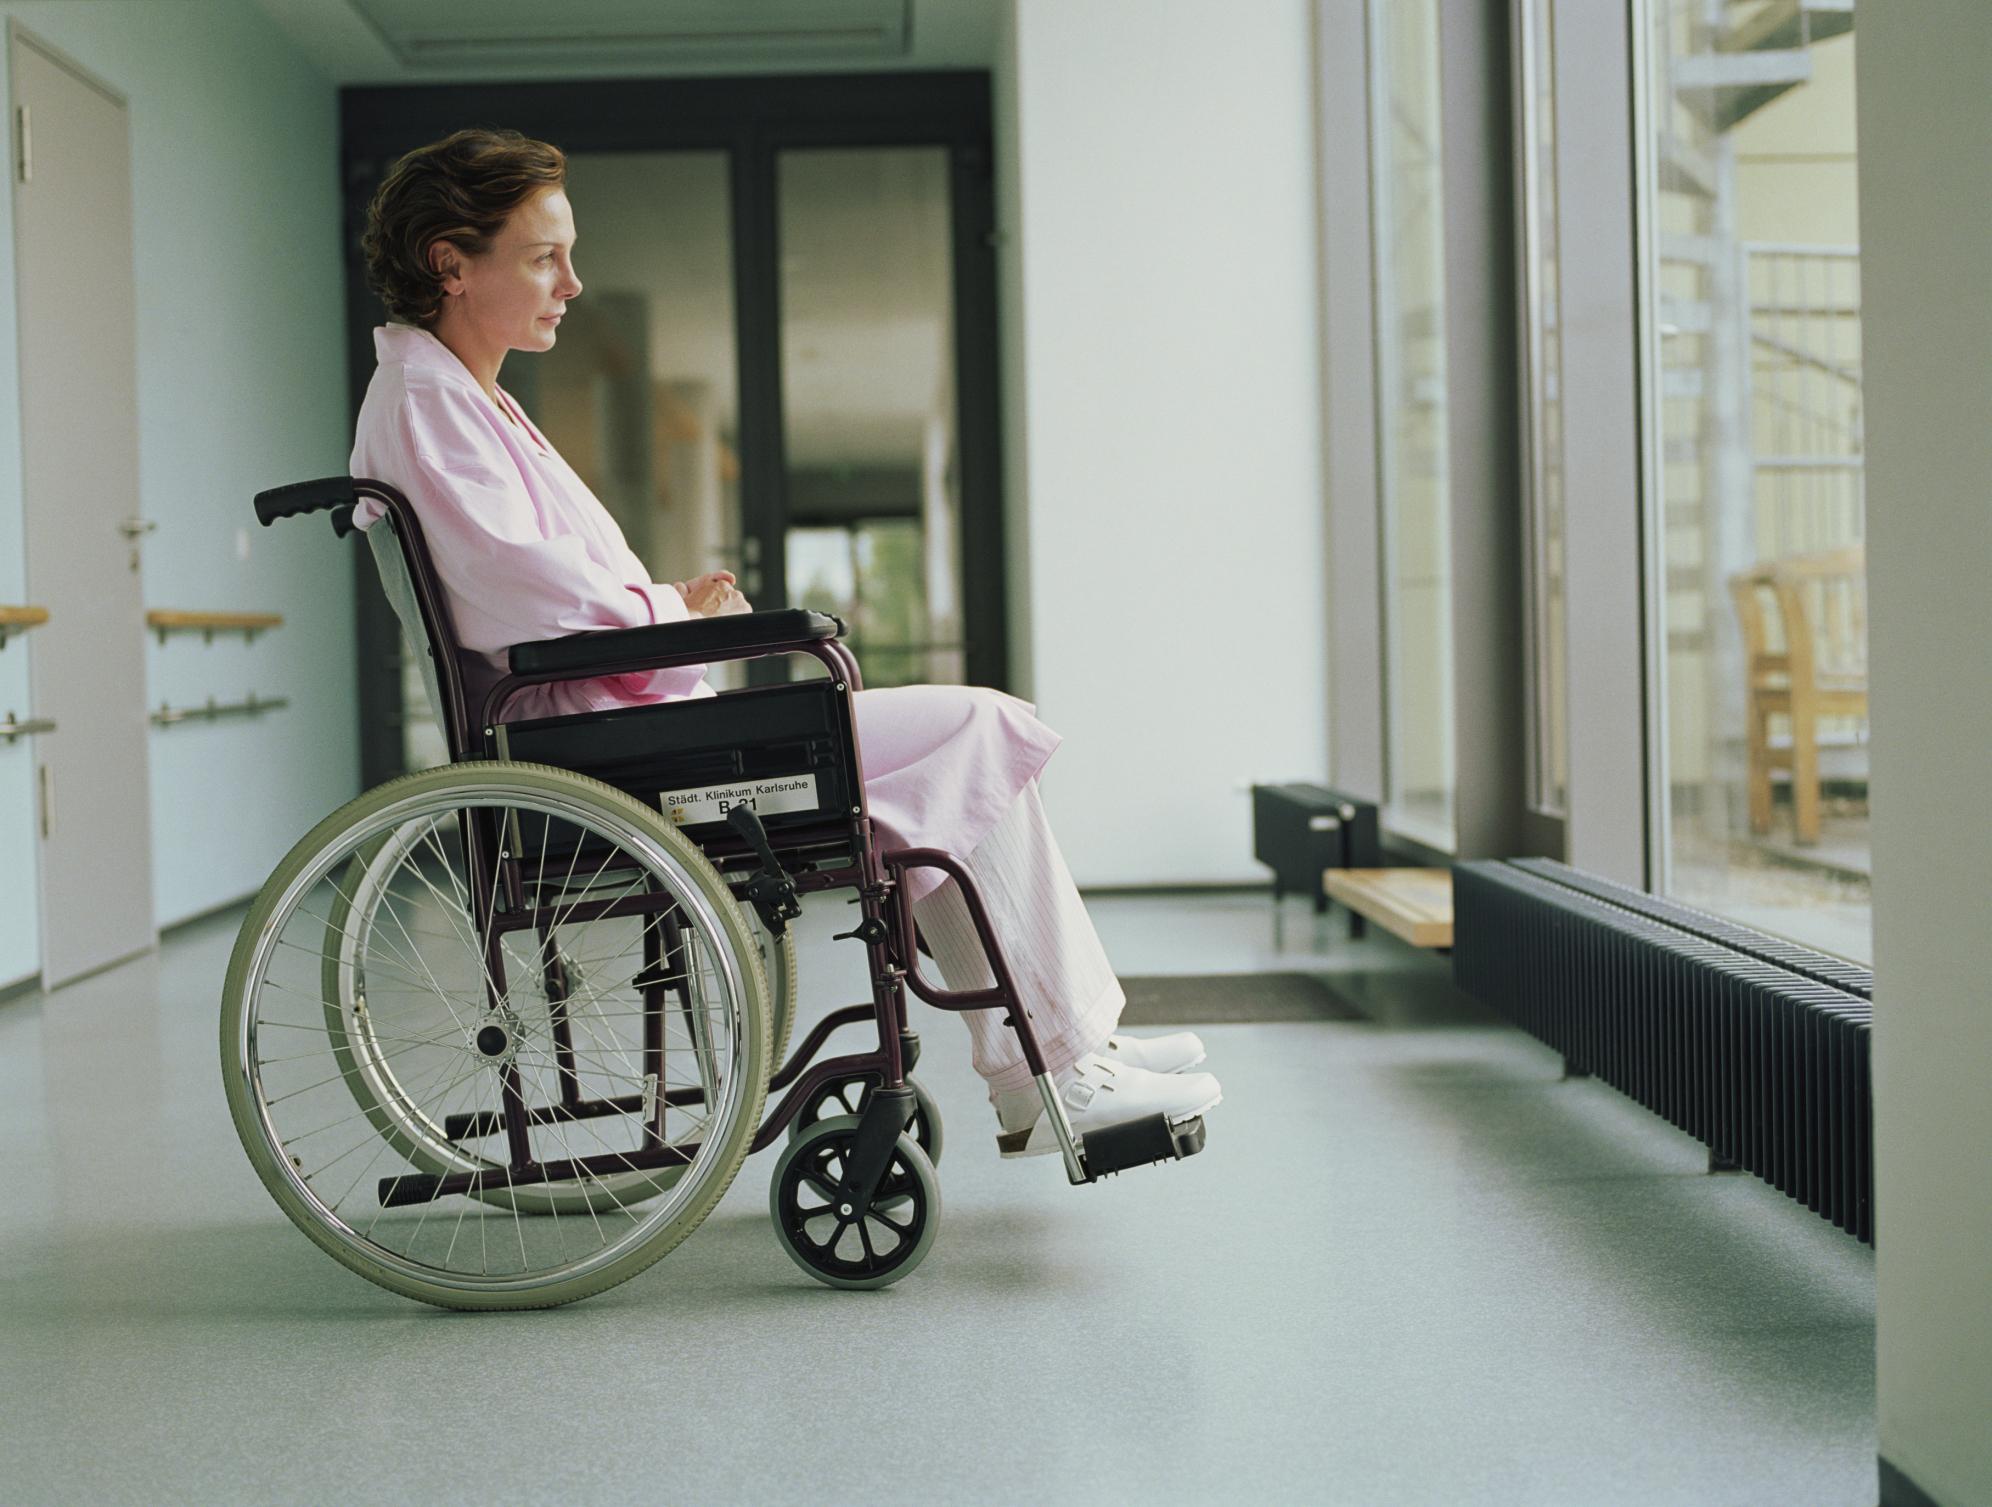 Инвалидность при болезни Бехтерева, какой группы и как получить Инвалидность при болезни Бехтерева и какую группу можно получить